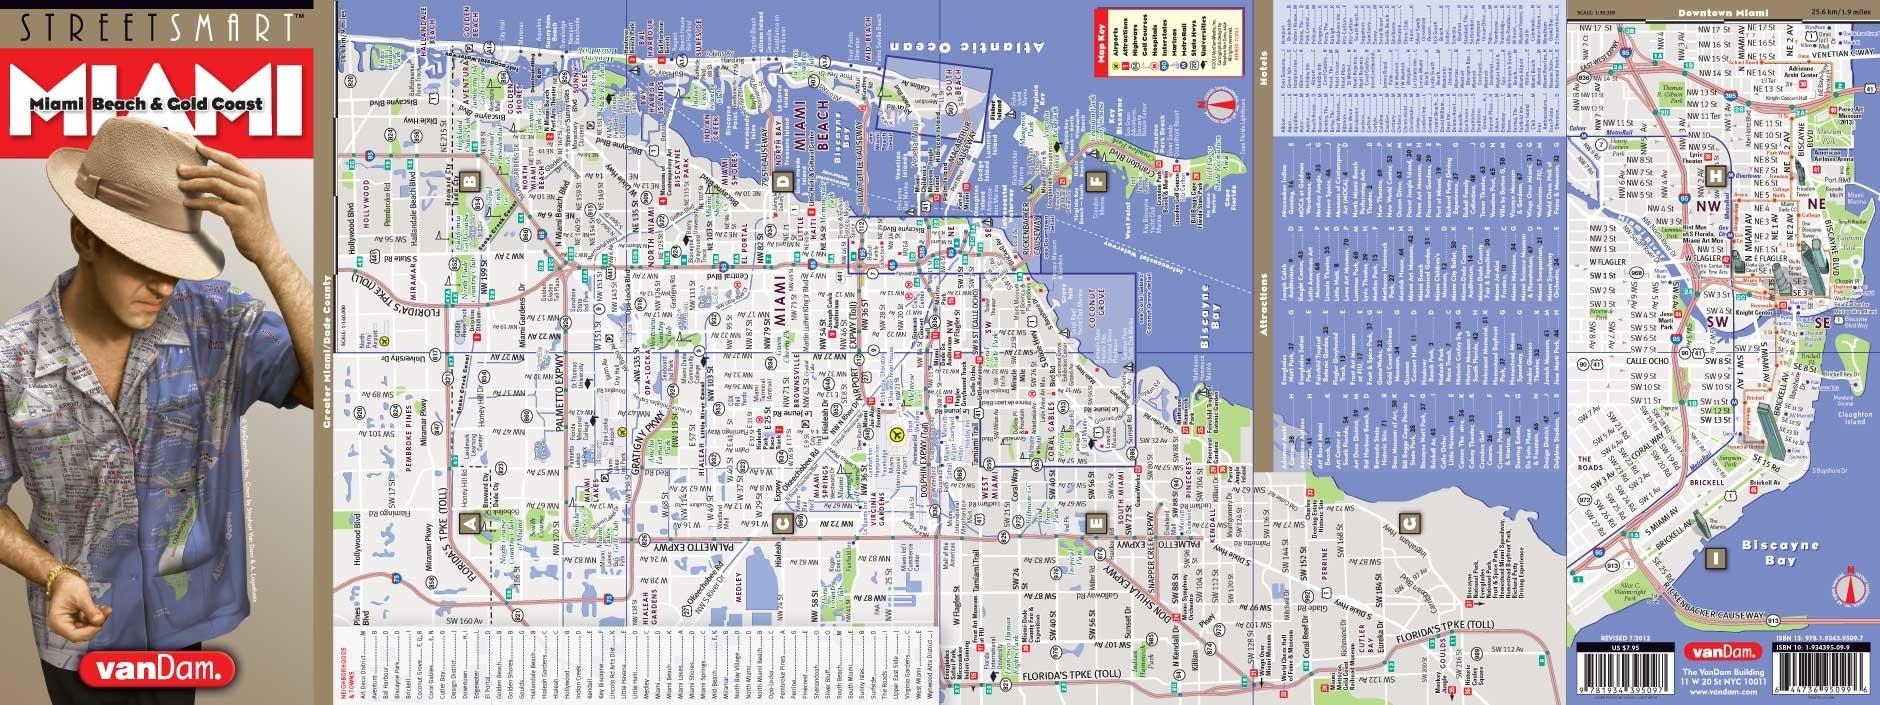 Miami Mapvandam   Miami Streetsmart Map   City Street throughout Miami Beach Road Map